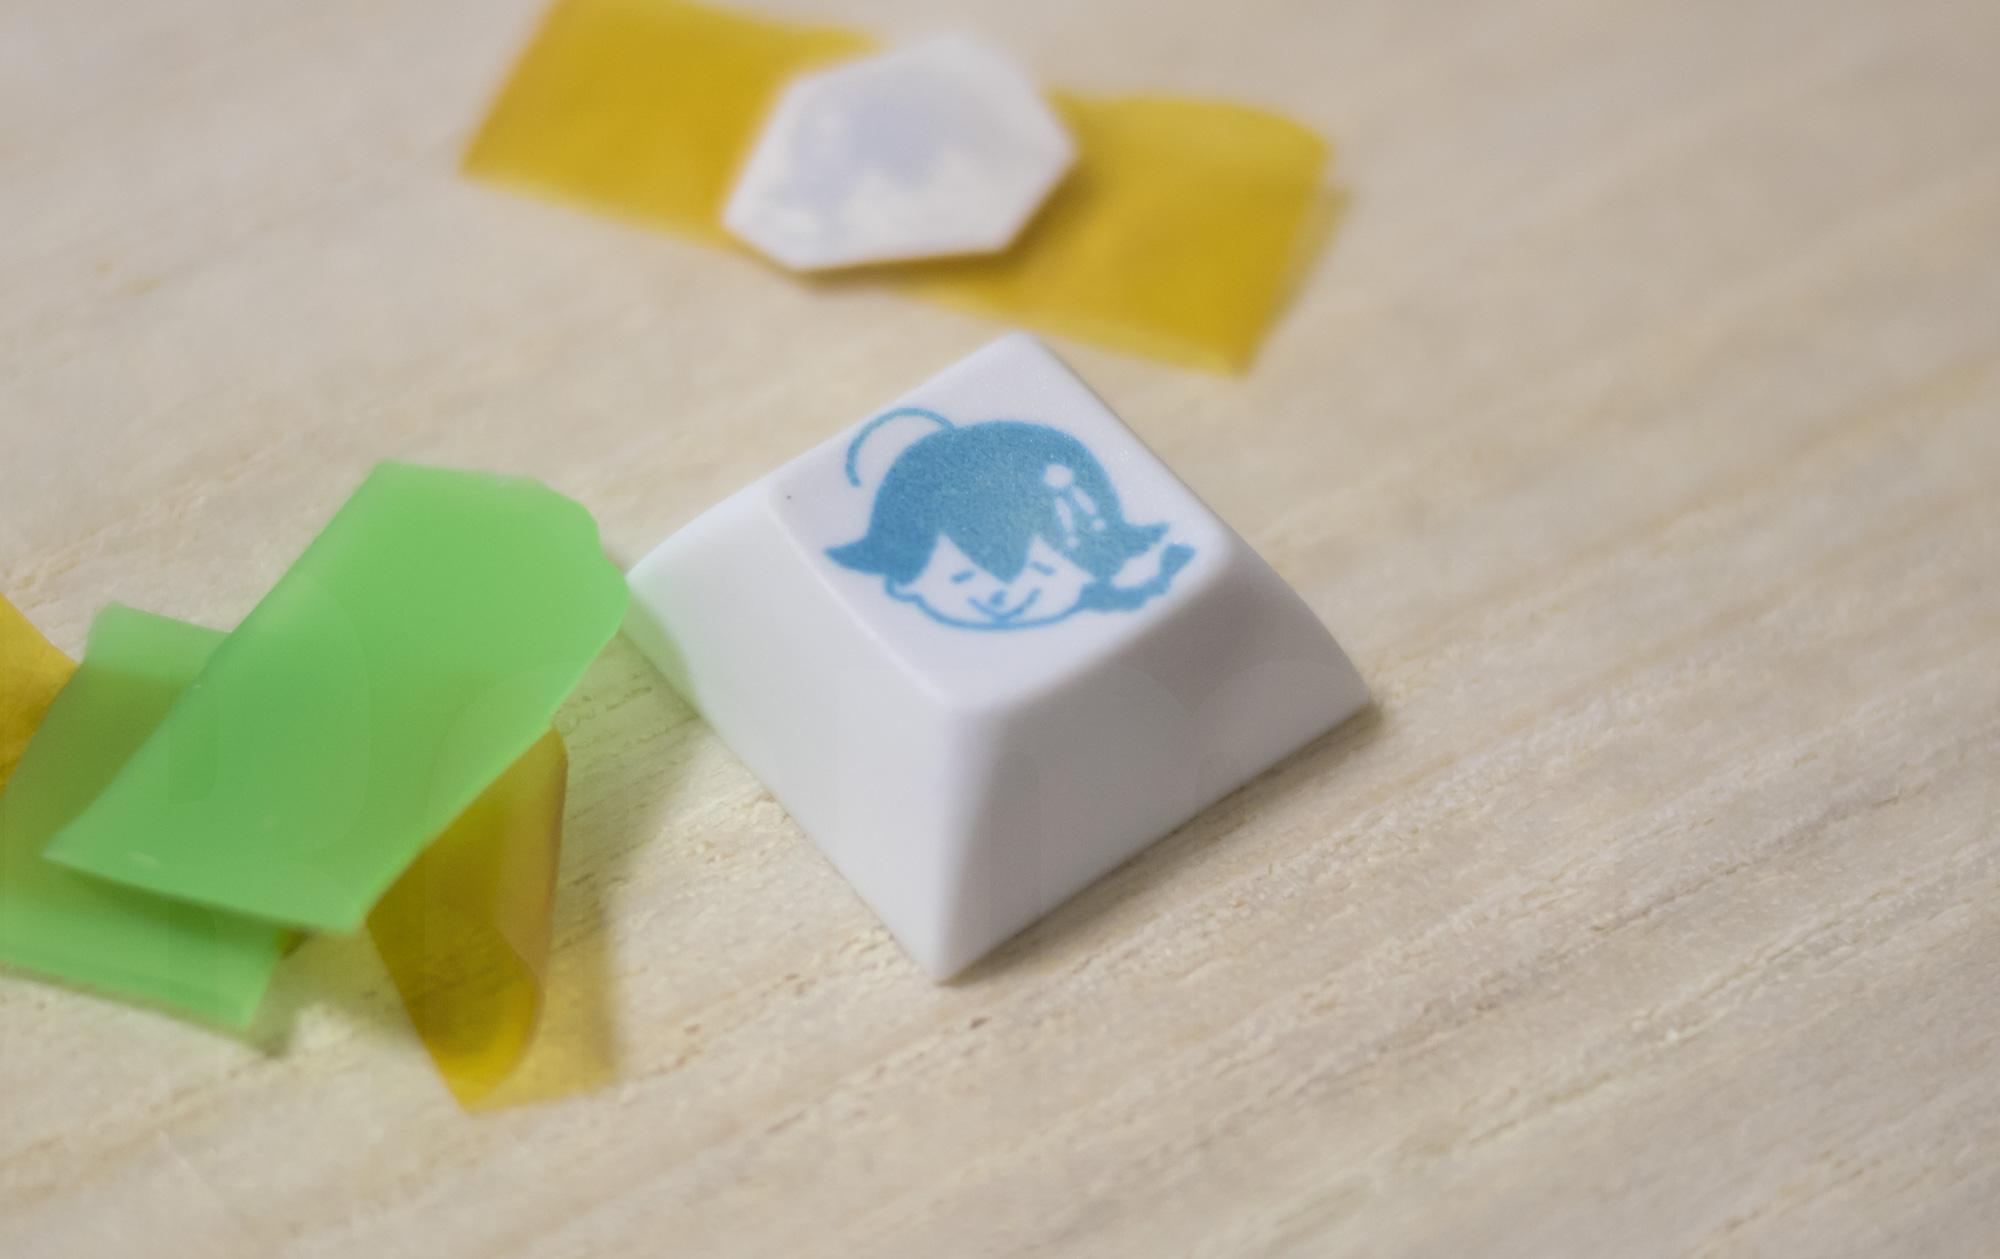 Keycap dye-sub succeed!!